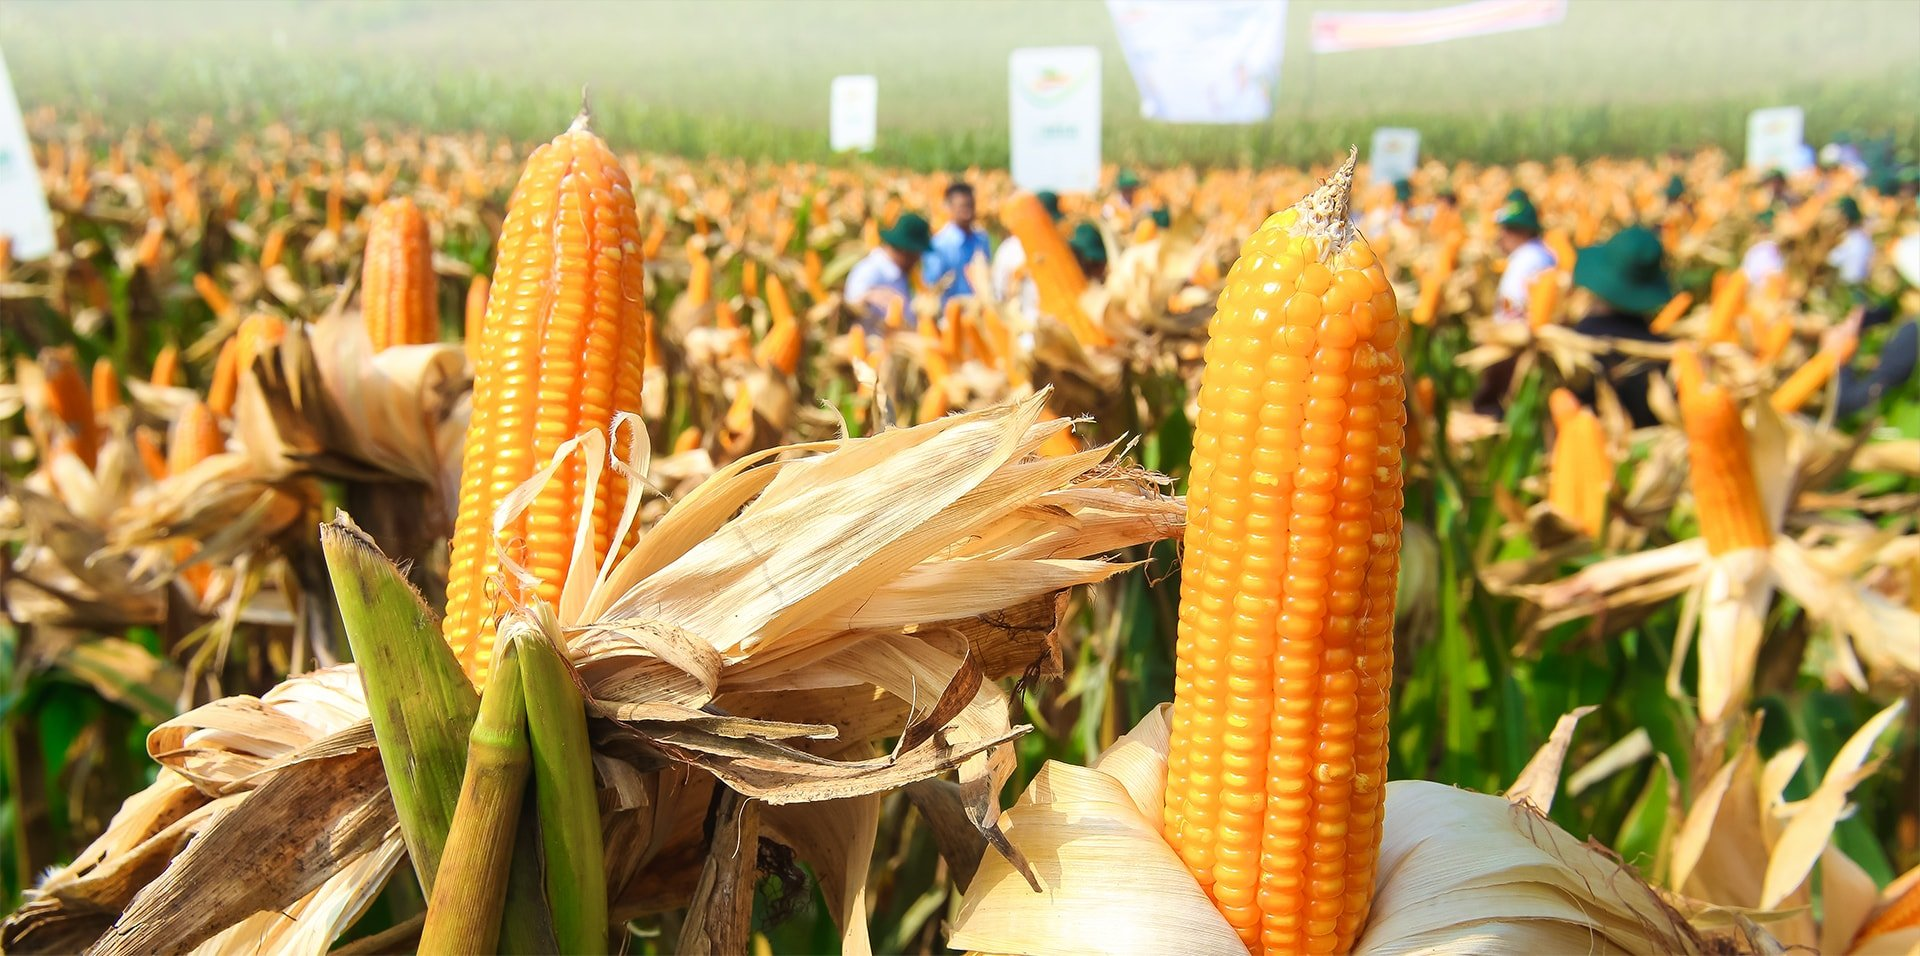 Năng suất thu hoạch được của các giống ngô CNSH với các tính trạng kháng sâu và chống chịu thuốc trừ cỏ cao hơn so với các giống ngô lai thường từ 15,2% tới 30% - Ảnh: VGP/Đỗ Hương